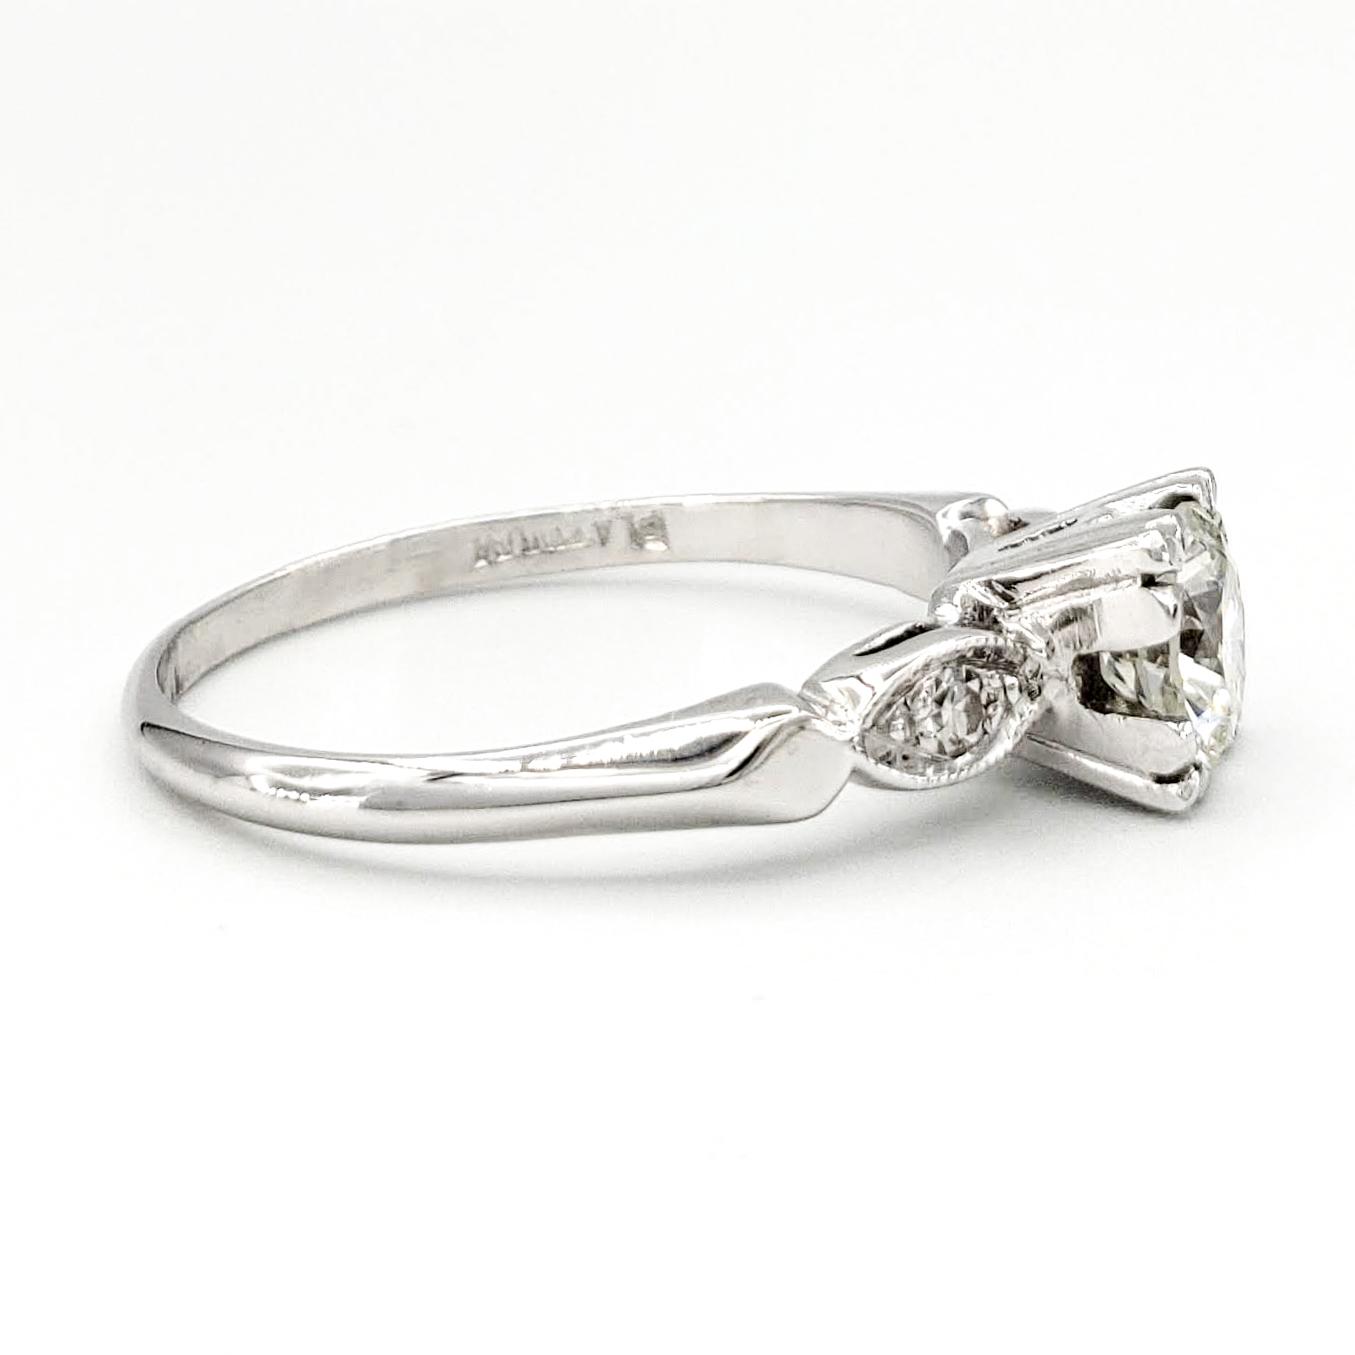 vintage-platinum-engagement-ring-with-0-75-carat-round-brilliant-cut-diamond-egl-i-vs1